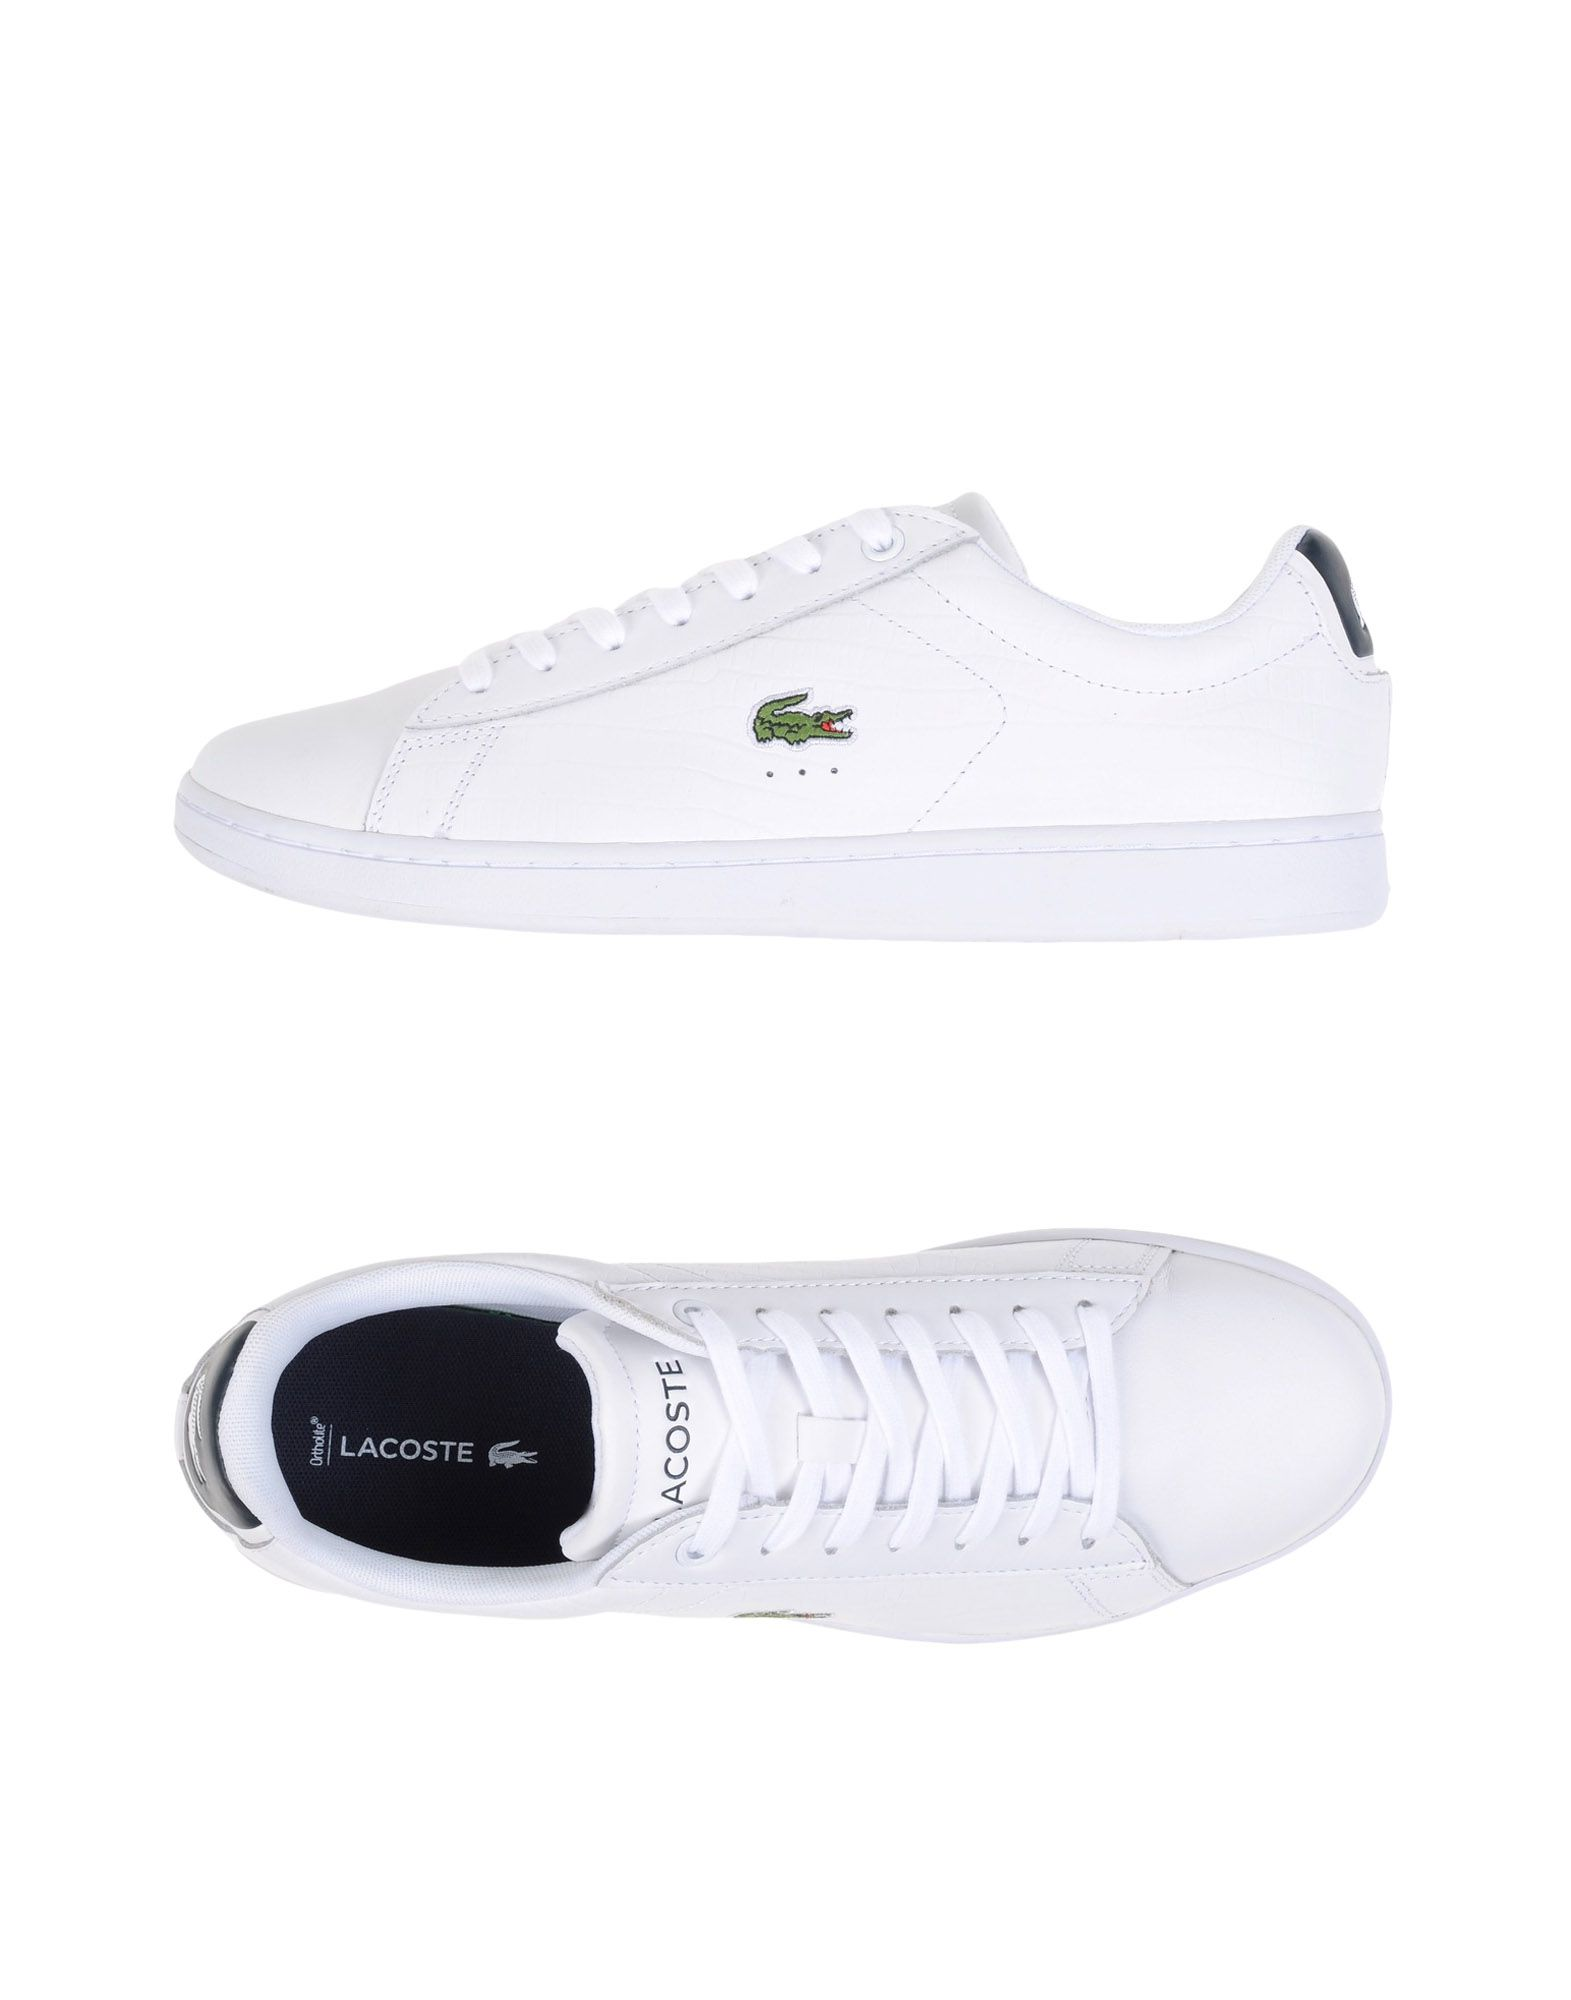 2fbc20365 Lacoste Lacoste Lacoste Carnaby Evo G316 7 - Sneakers - Men Lacoste Sneakers  online on United Kingdom - 11105977XU 0a52ae